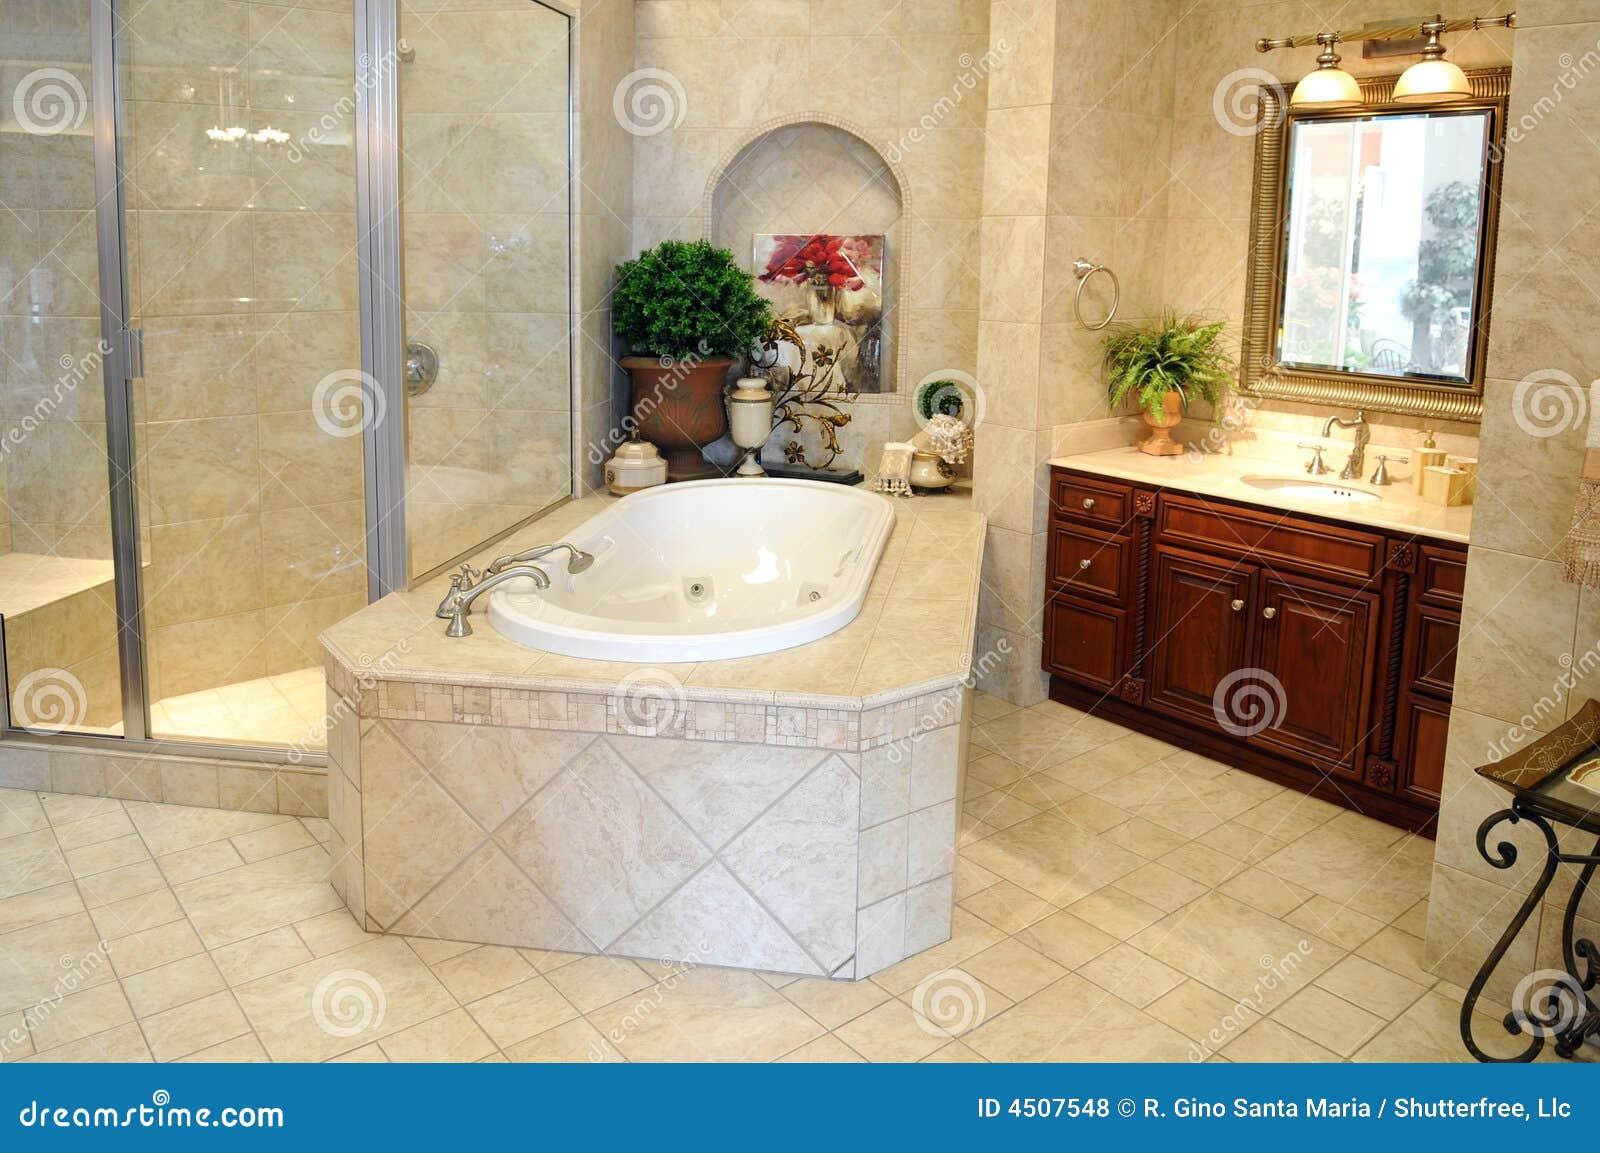 Cuarto De Baño Moderno Fotos:Cuarto de baño embaldosado moderno con la parada de ducha de cristal